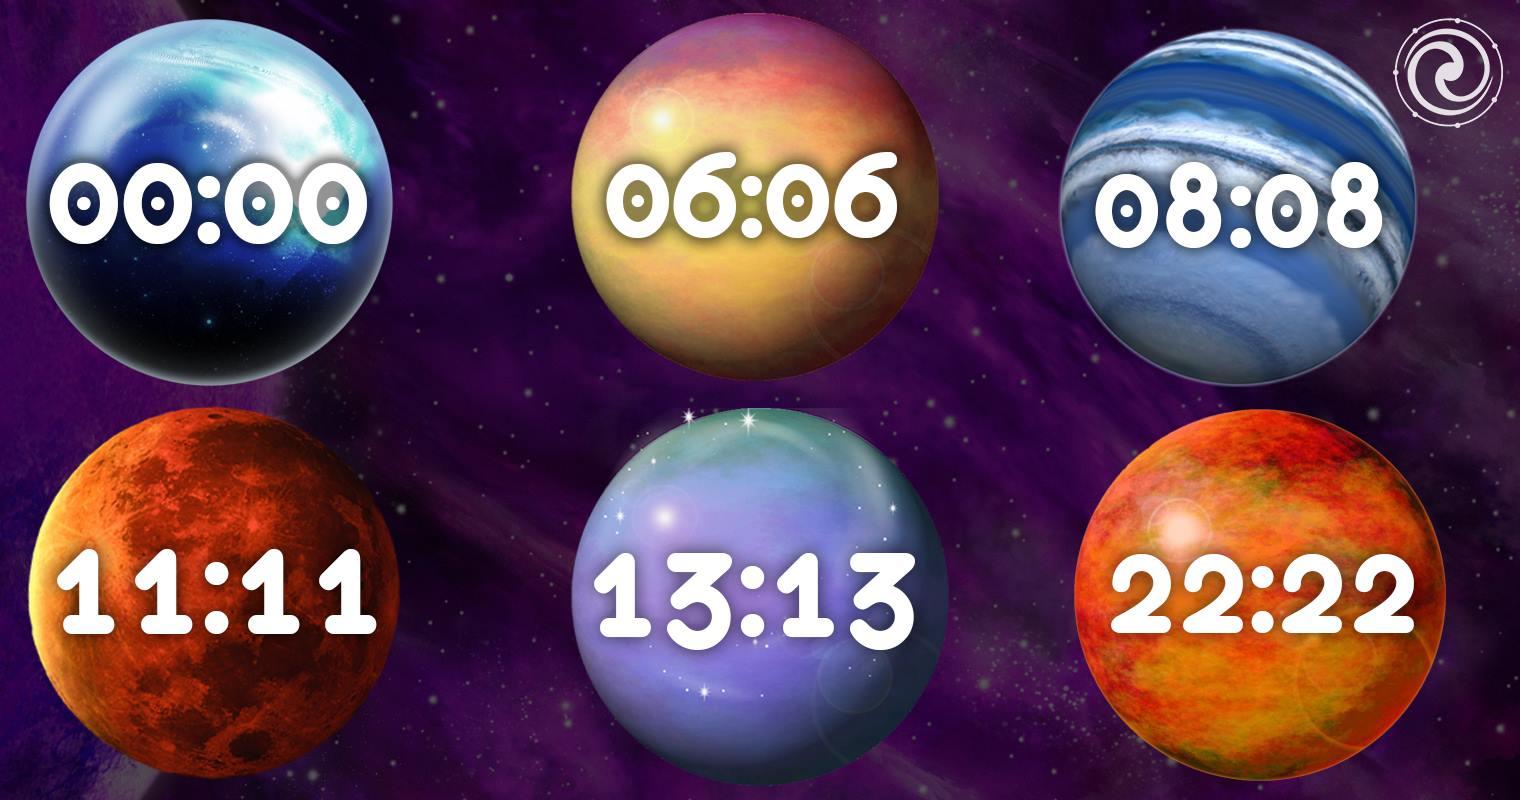 Выберите пару зеркальных чисел и узнайте, о чем вас хочет предупредить Вселенная!